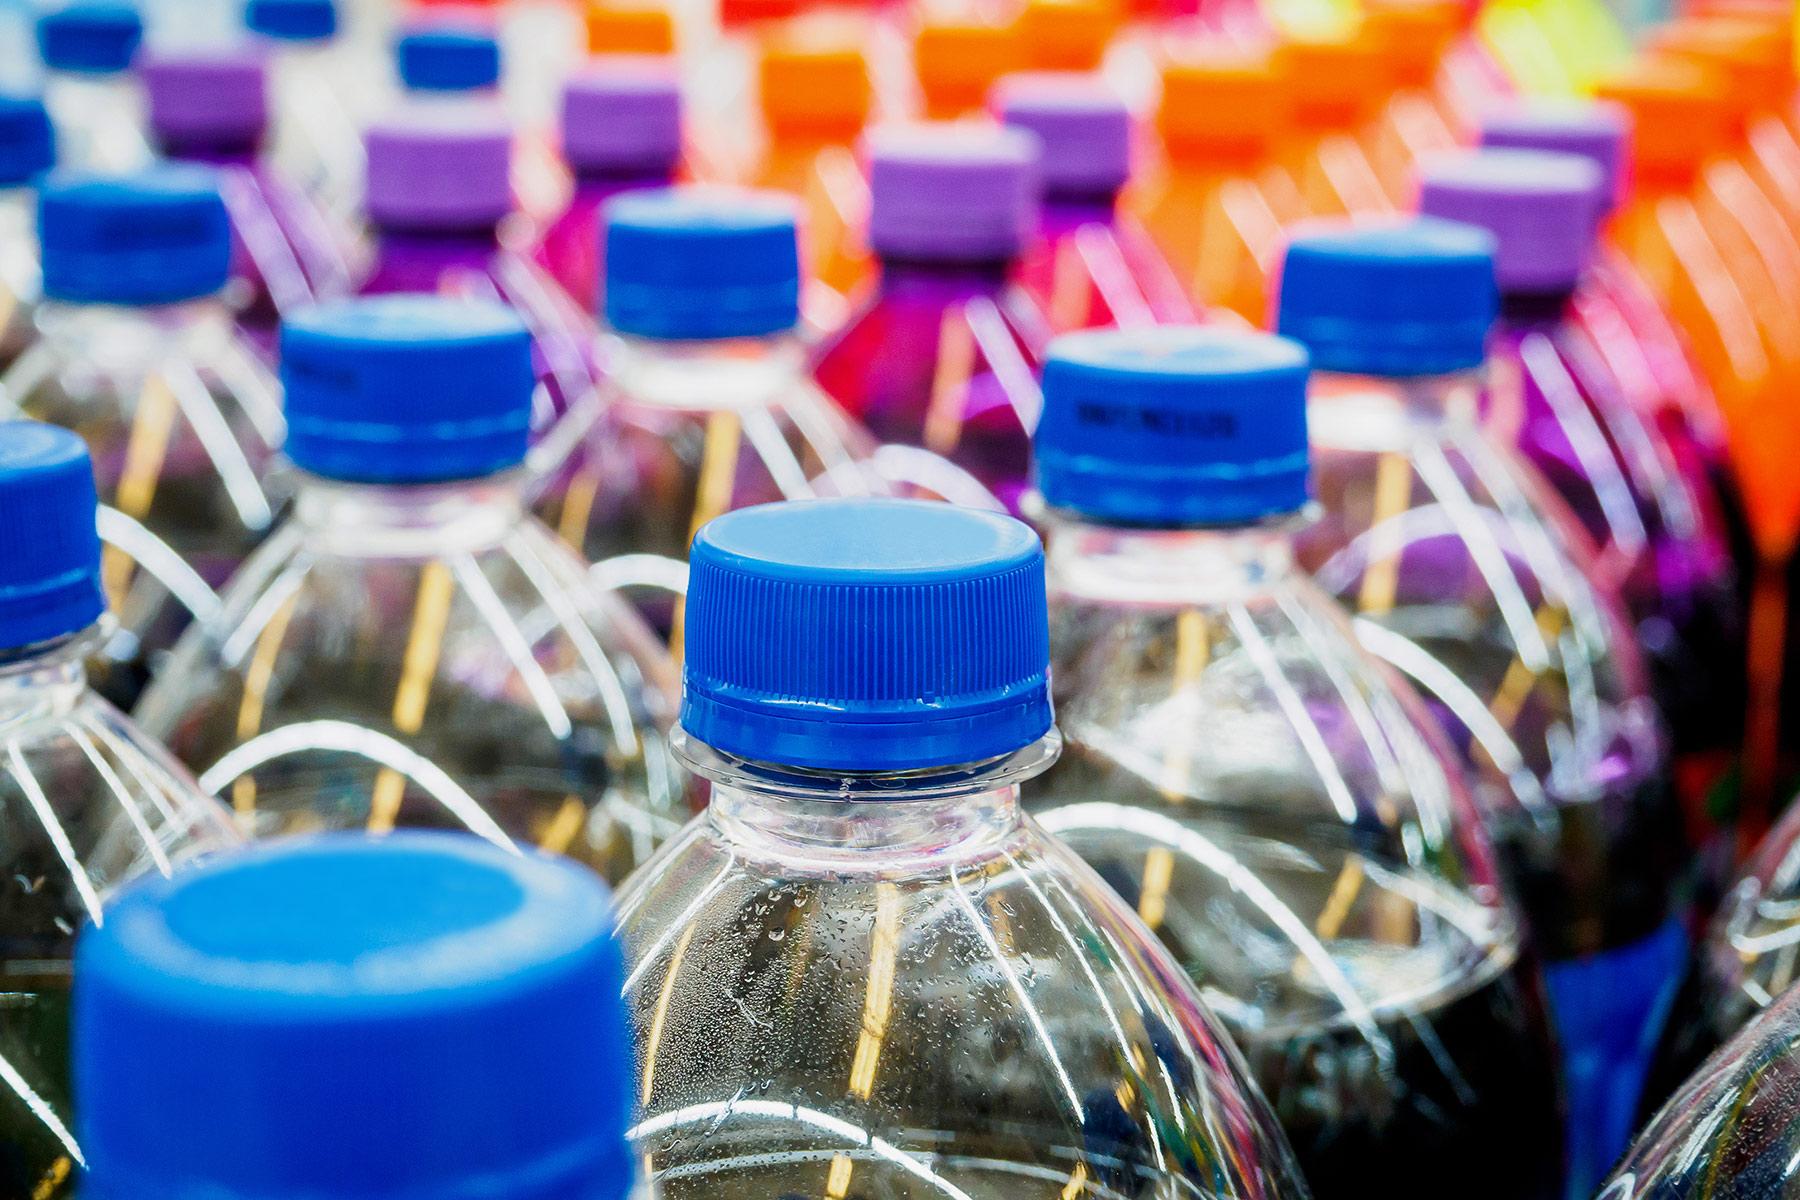 soda bottles lined up